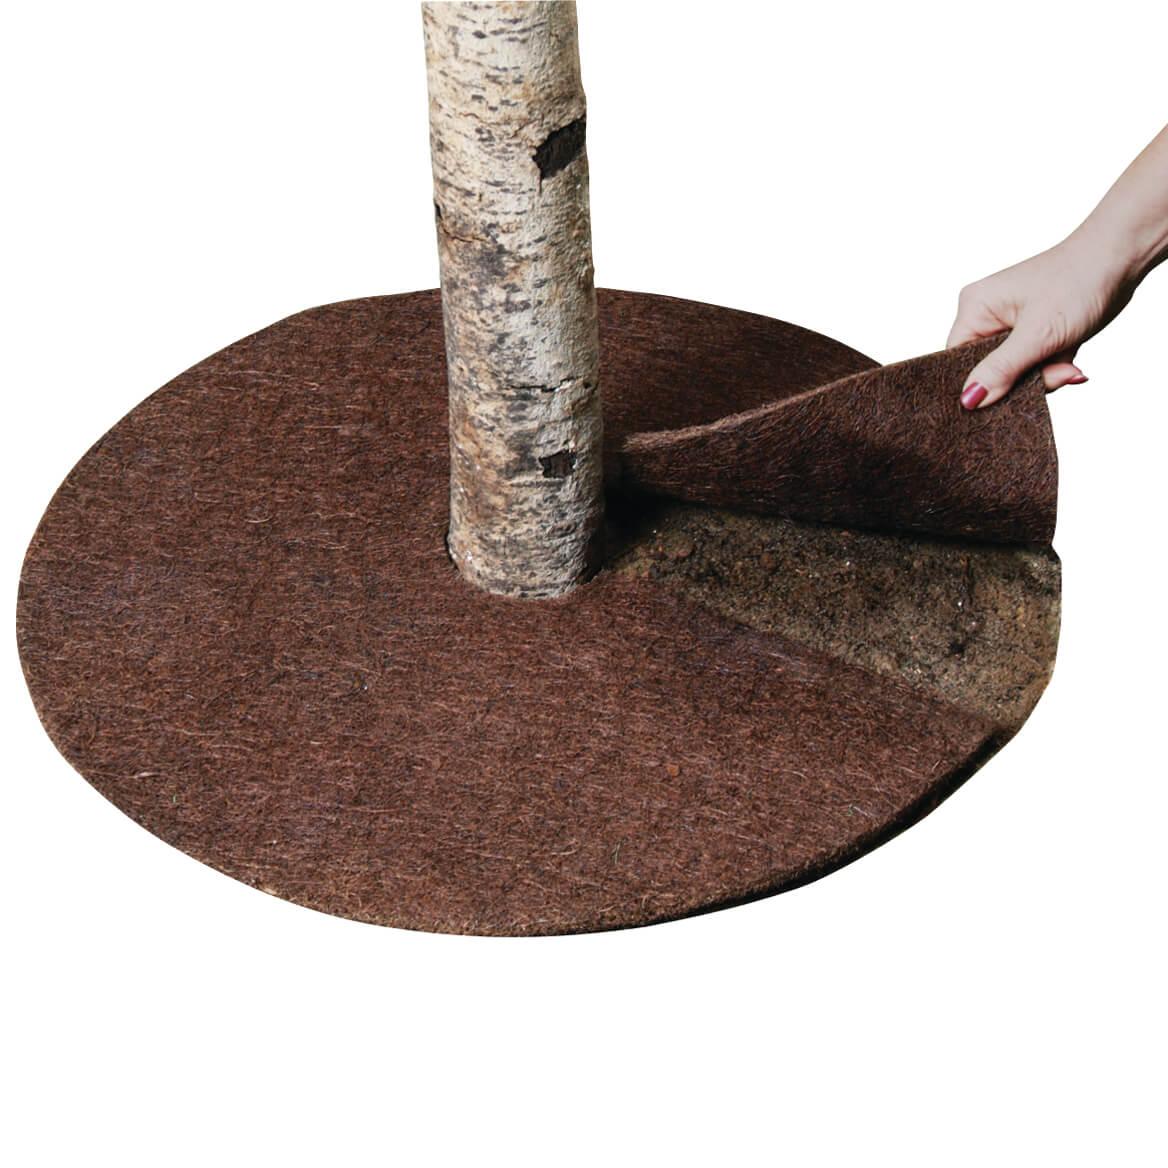 Coco Fiber Tree Ring Coco Fiber Mulch Tree Mat Miles